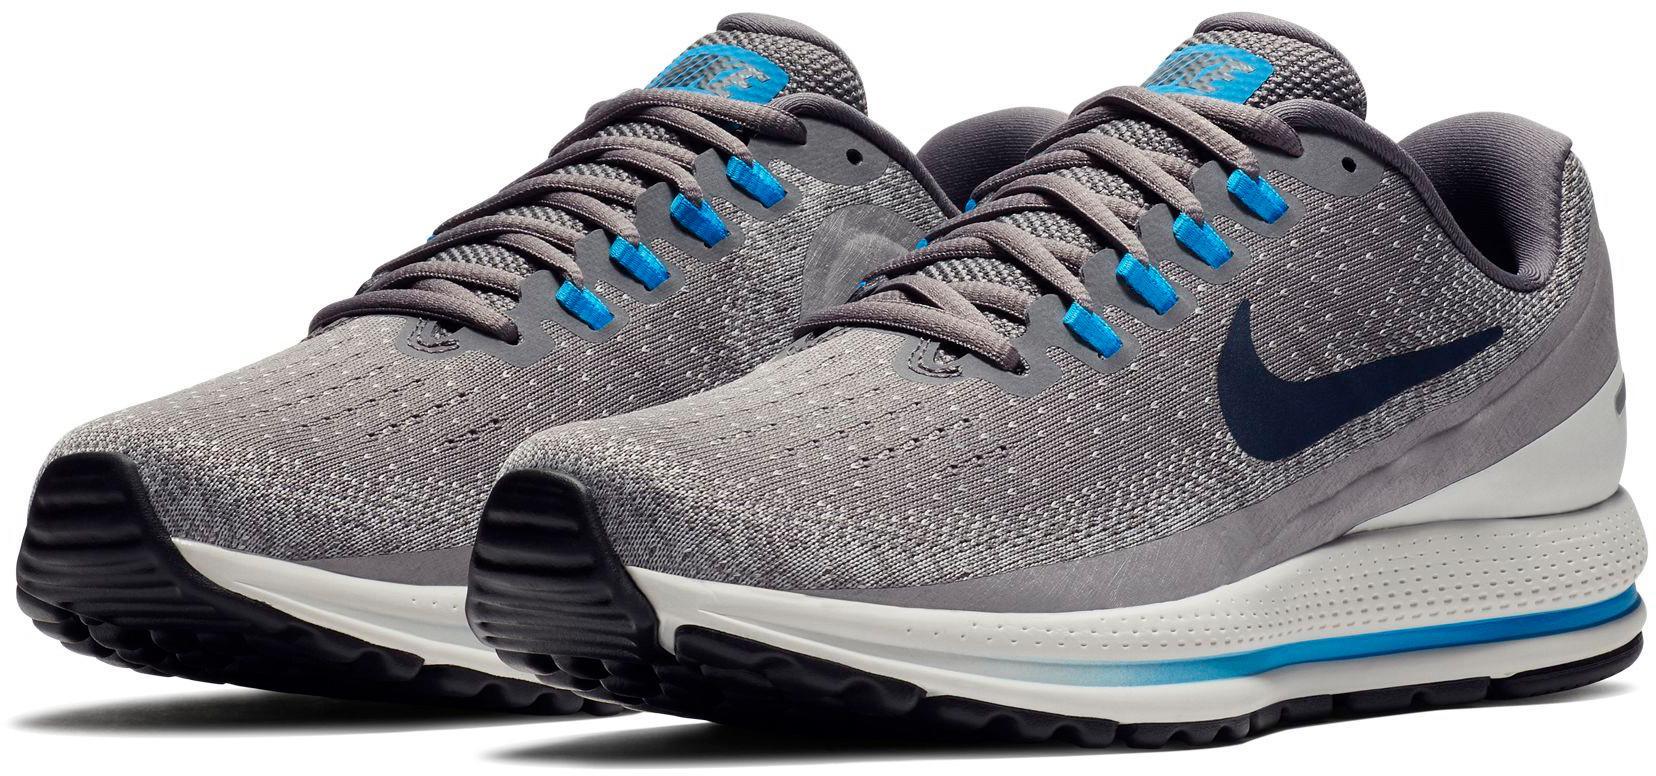 Nike »Air Zoom Vomero 13« Laufschuh, Schaft aus Rundum Jaquard Strick online kaufen | OTTO